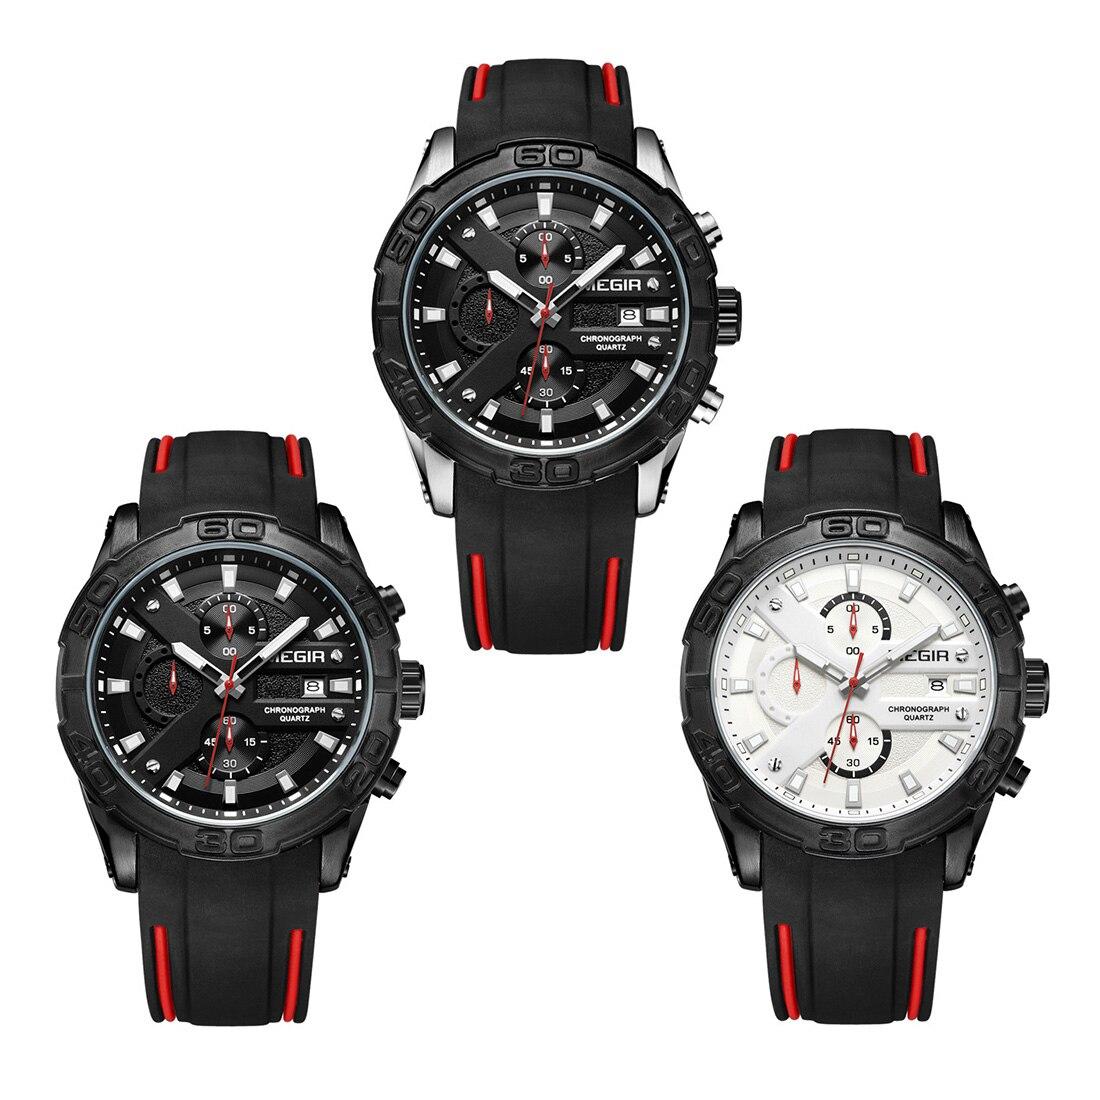 Mode De Luxe Marque Megir montre Hommes Quartz montre bracelet 2018 étanche montre-bracelet Sport montre Montres Horloge Hommes